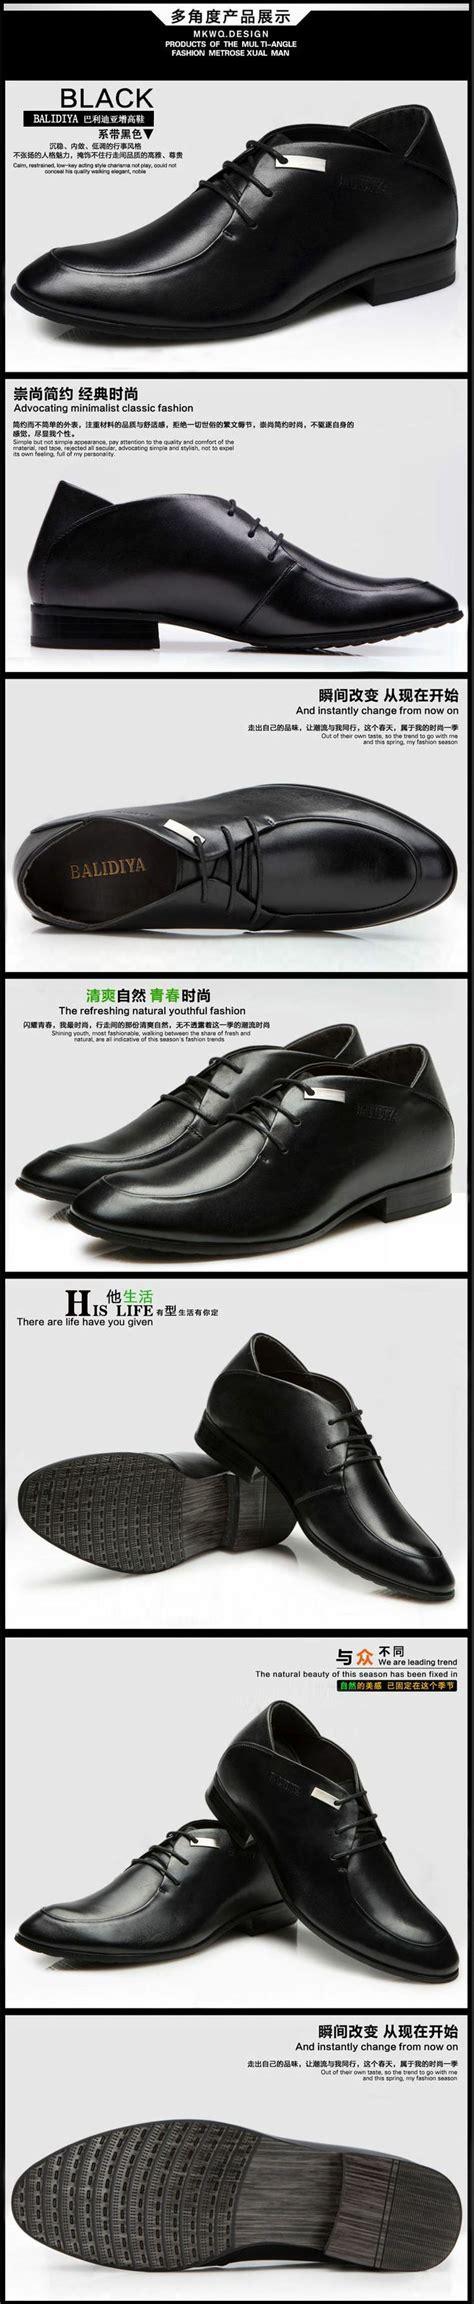 black elevator dress shoes make you taller 8cm 3